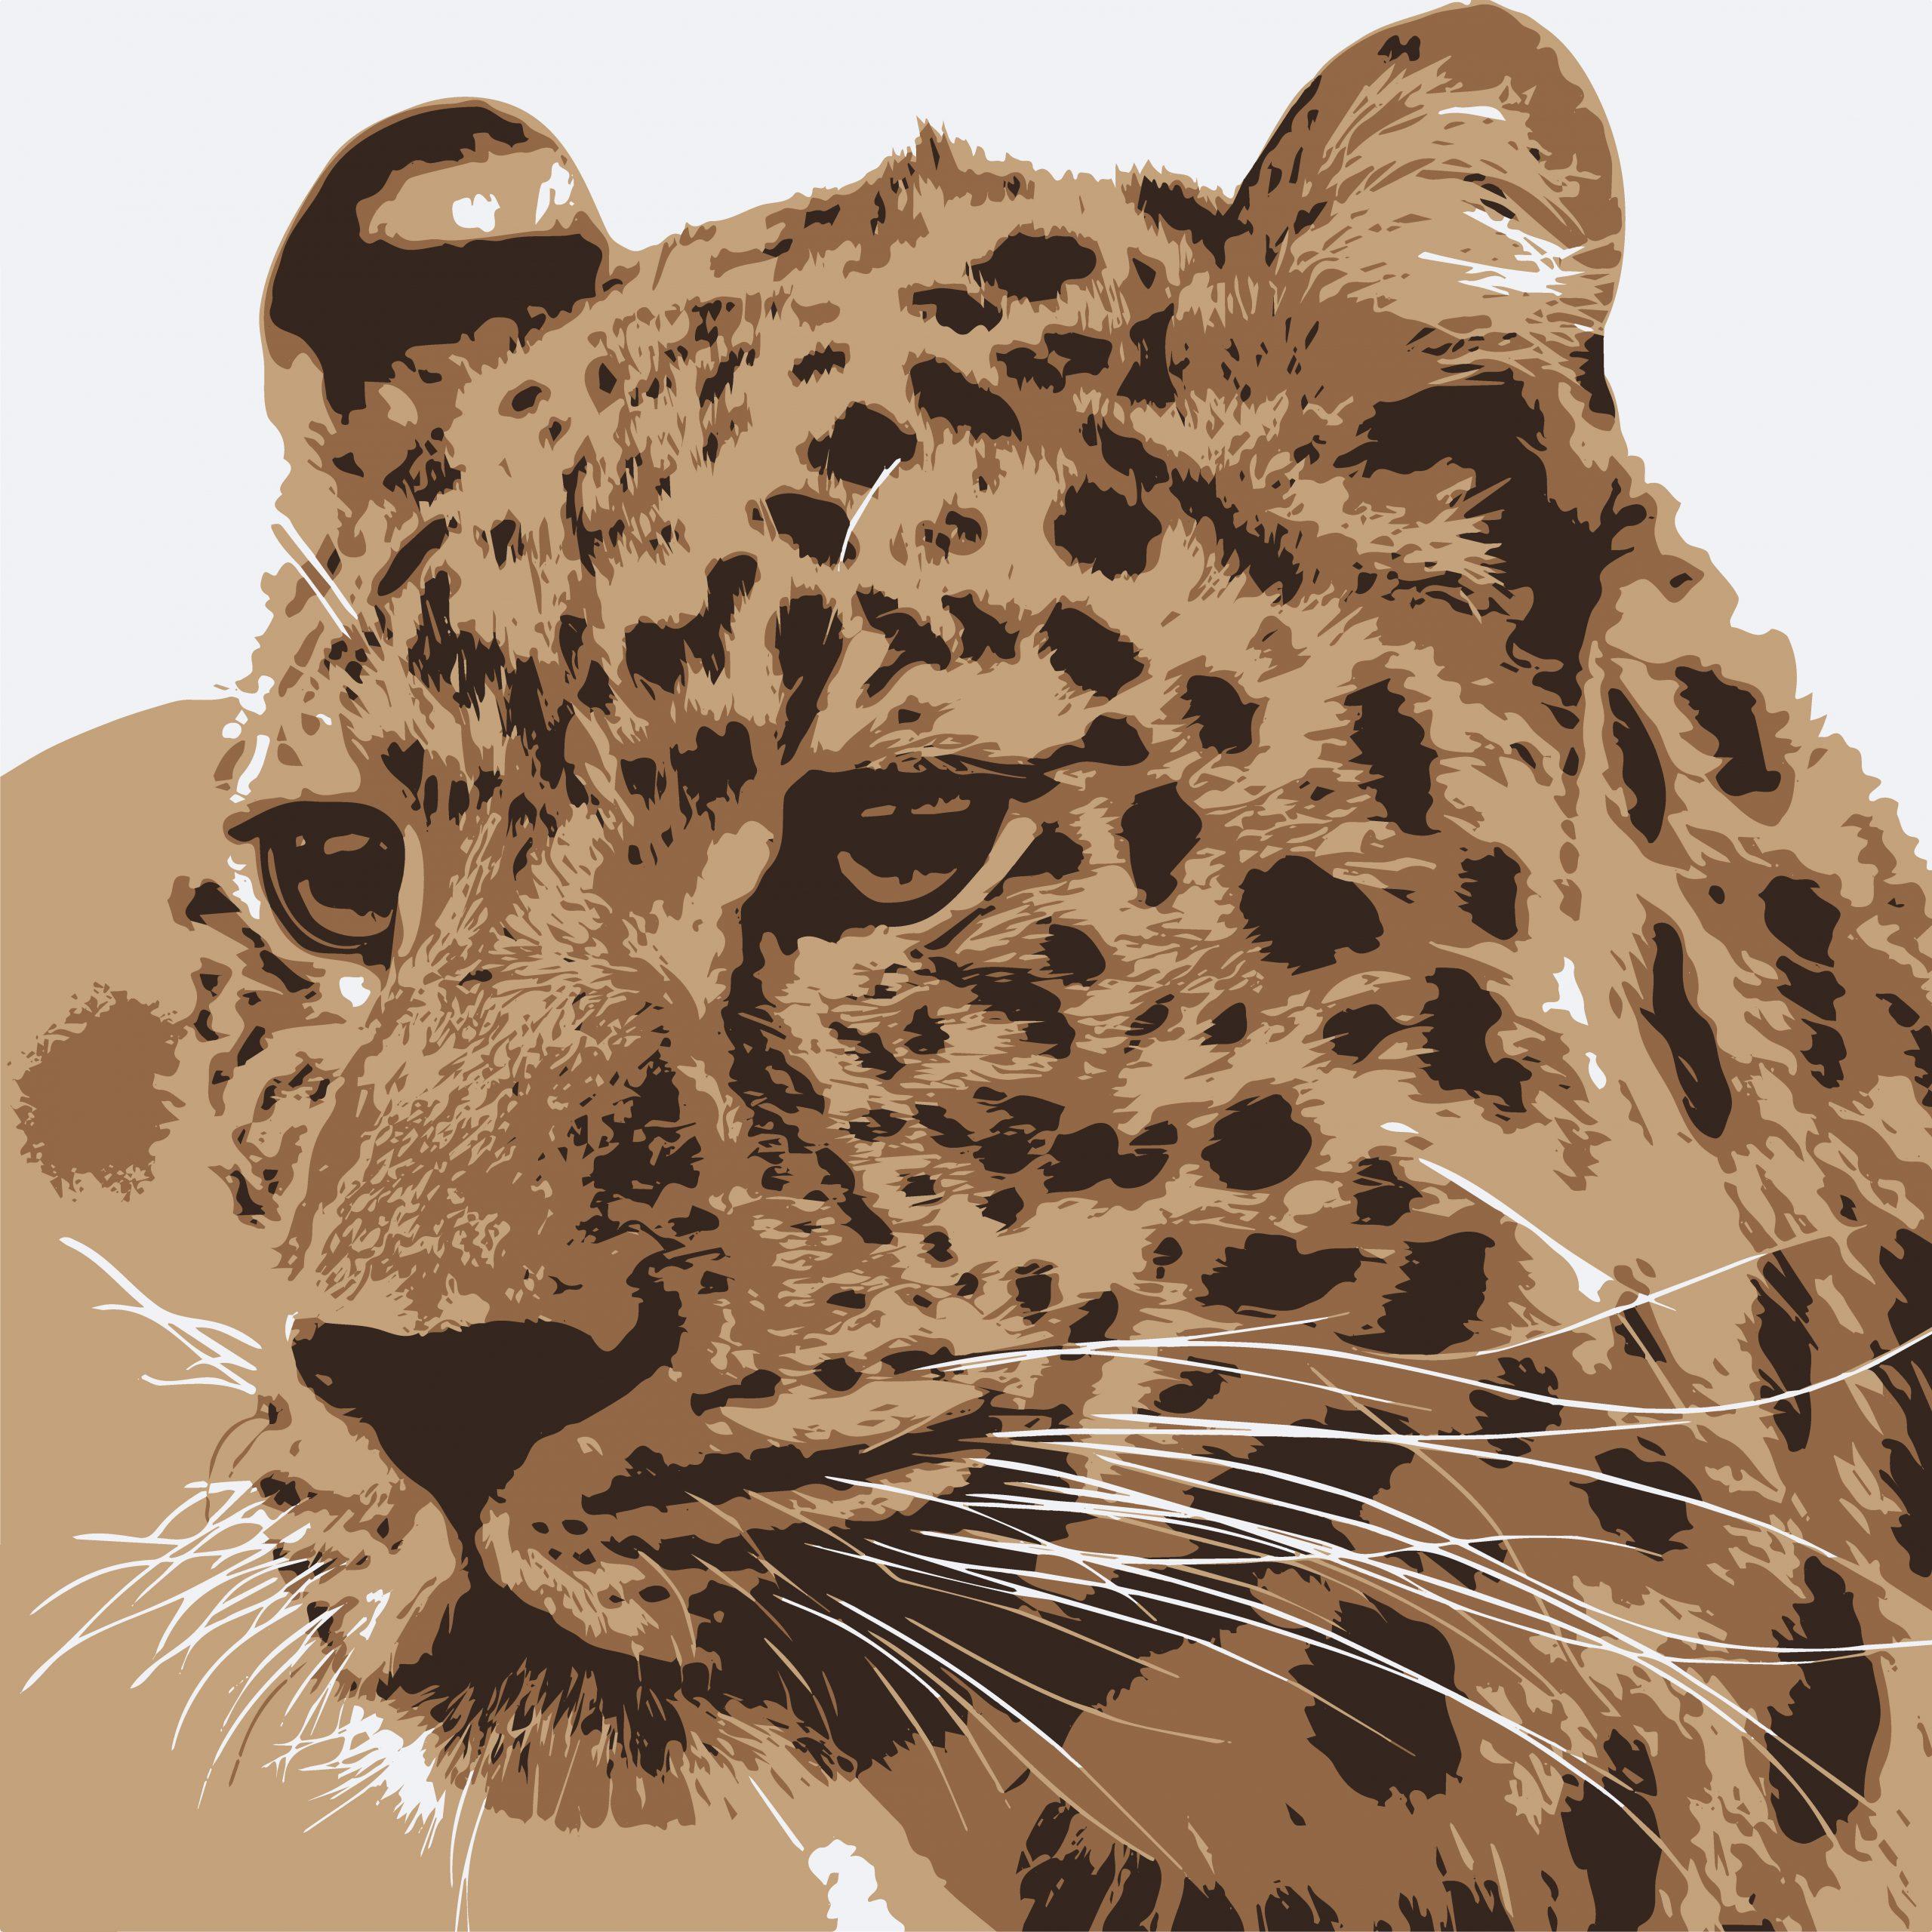 ILLUSTRATION of tiger face